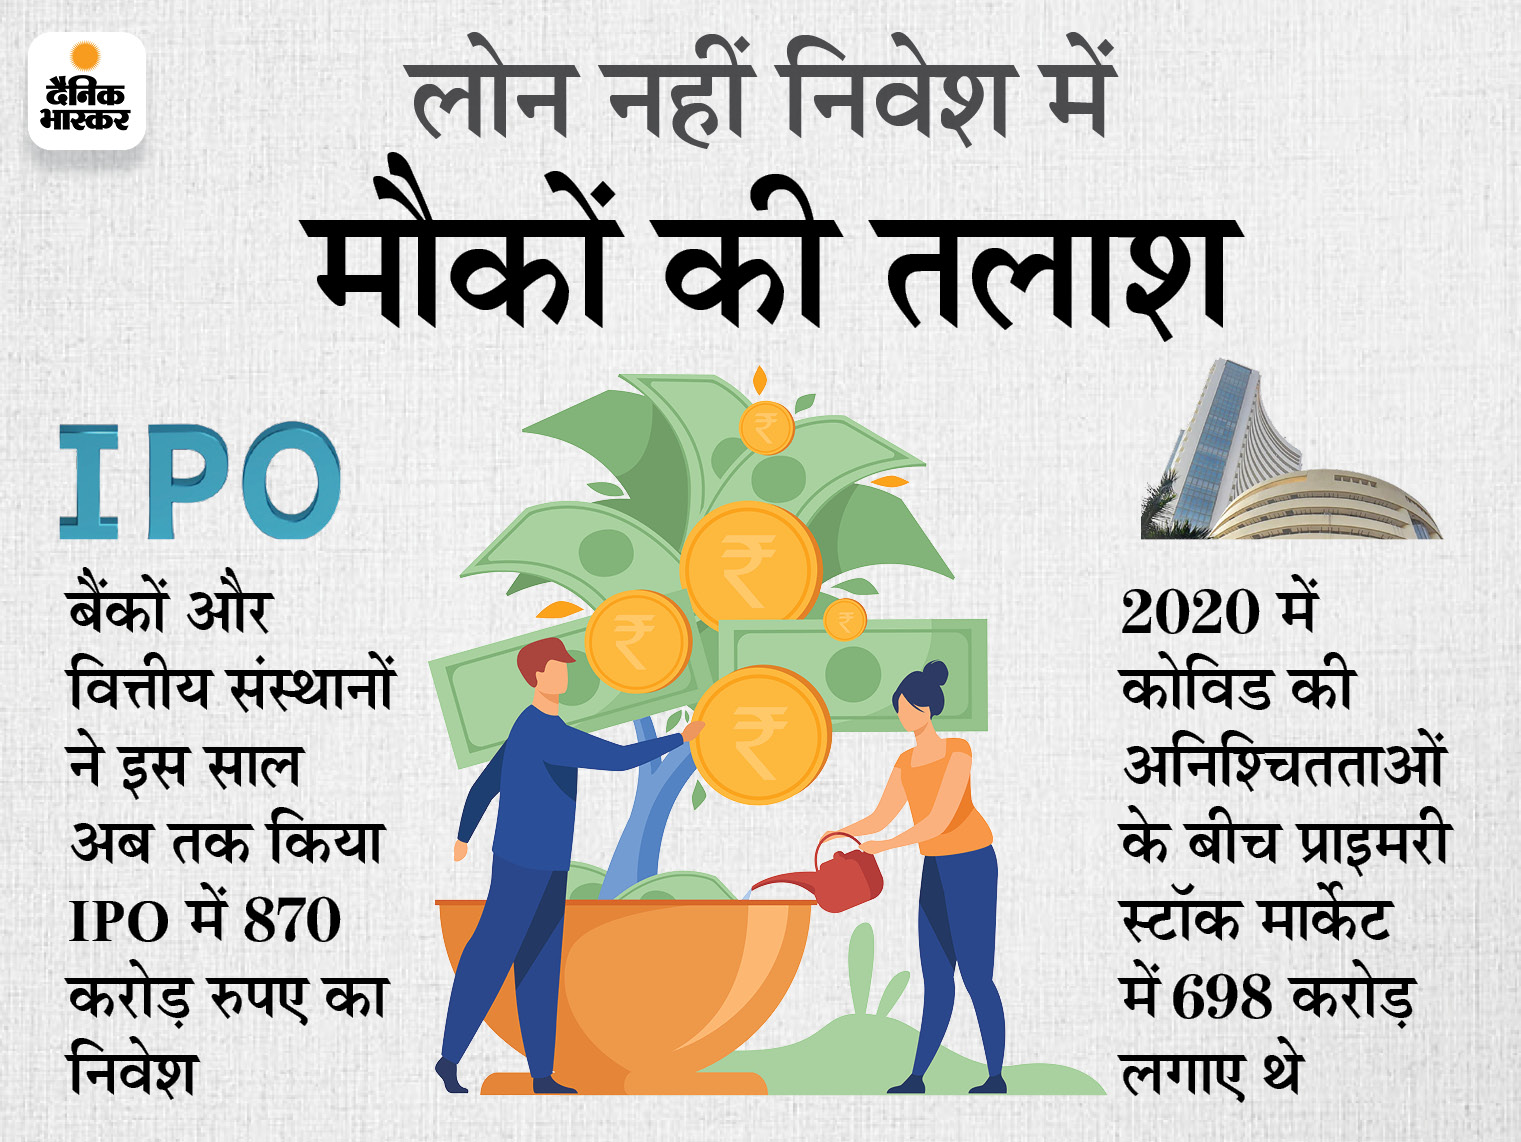 कोविड के चलते लोन बांटने के मौके हुए कम, एक्सेस फंड IPO मार्केट में लगा रहे वित्तीय संस्थान|बिजनेस,Business - Dainik Bhaskar